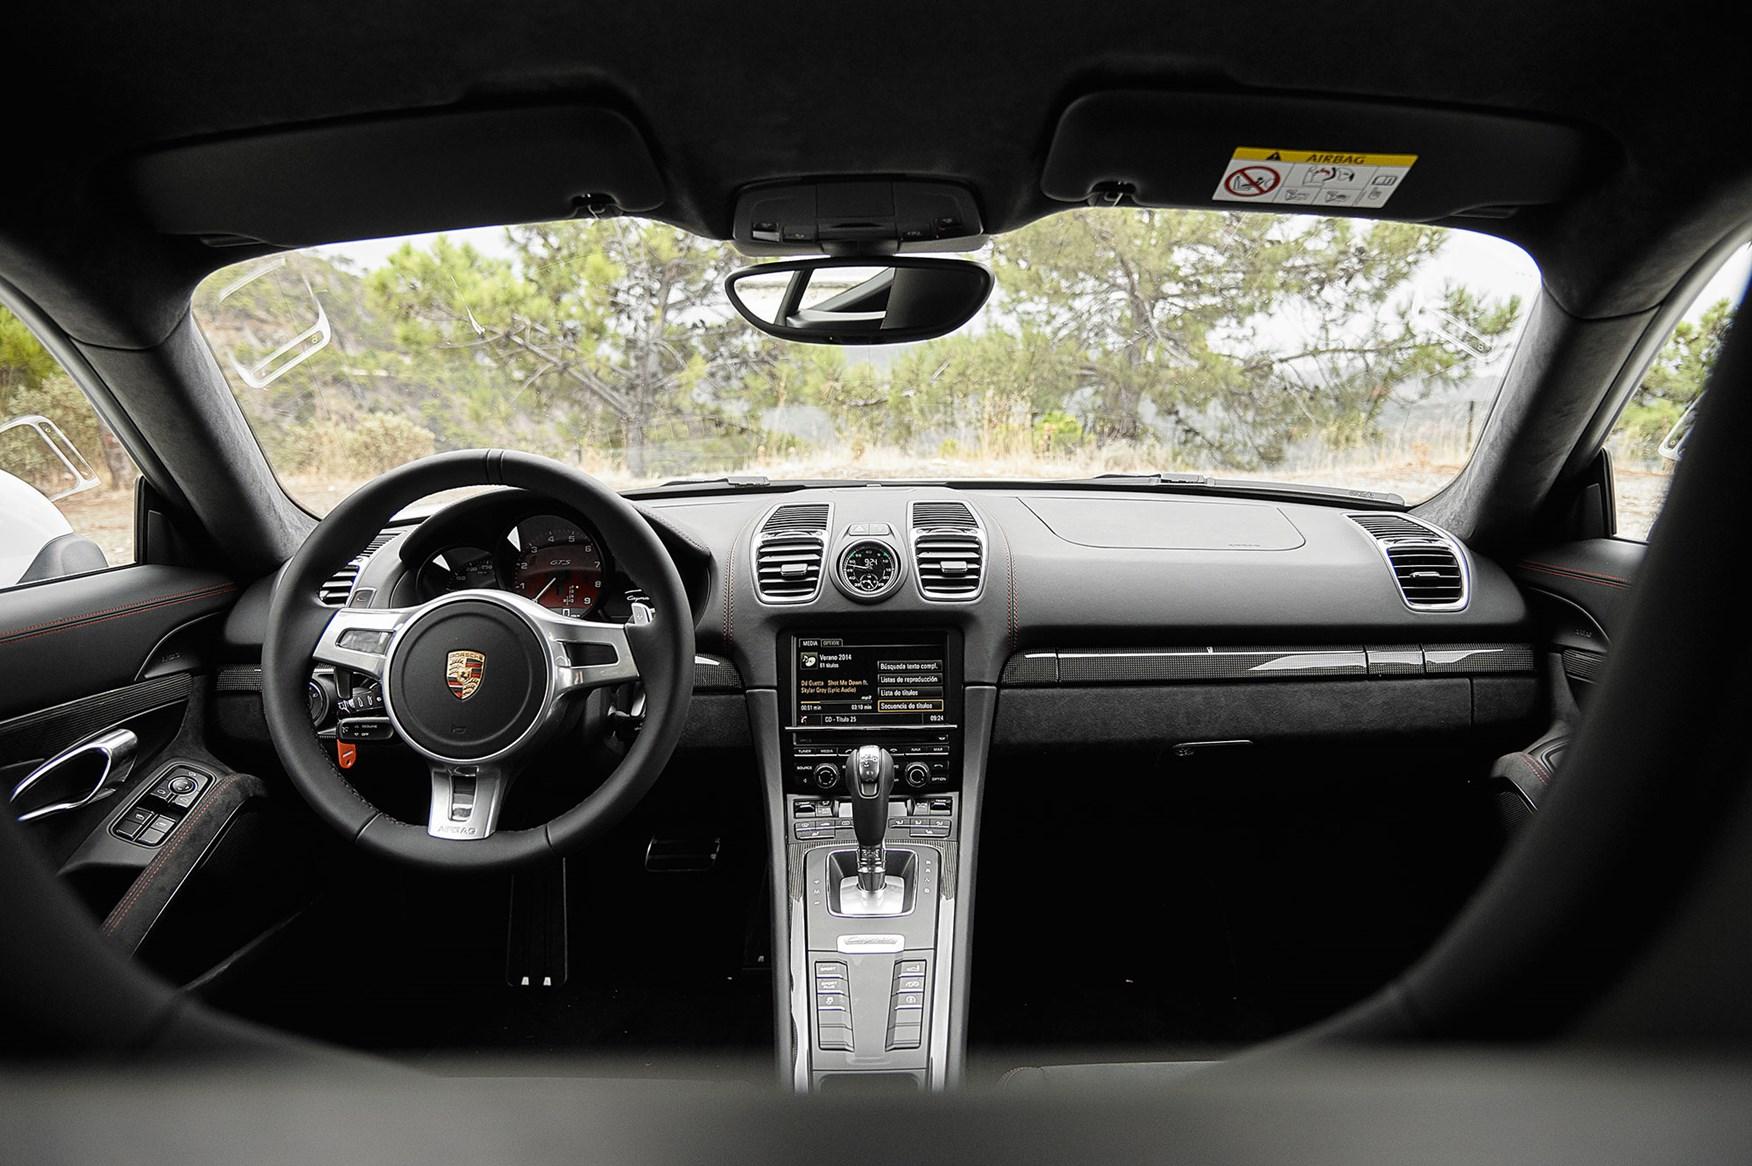 porsche cayman gts cabin sober sensible - 2015 Porsche Cayman Silver